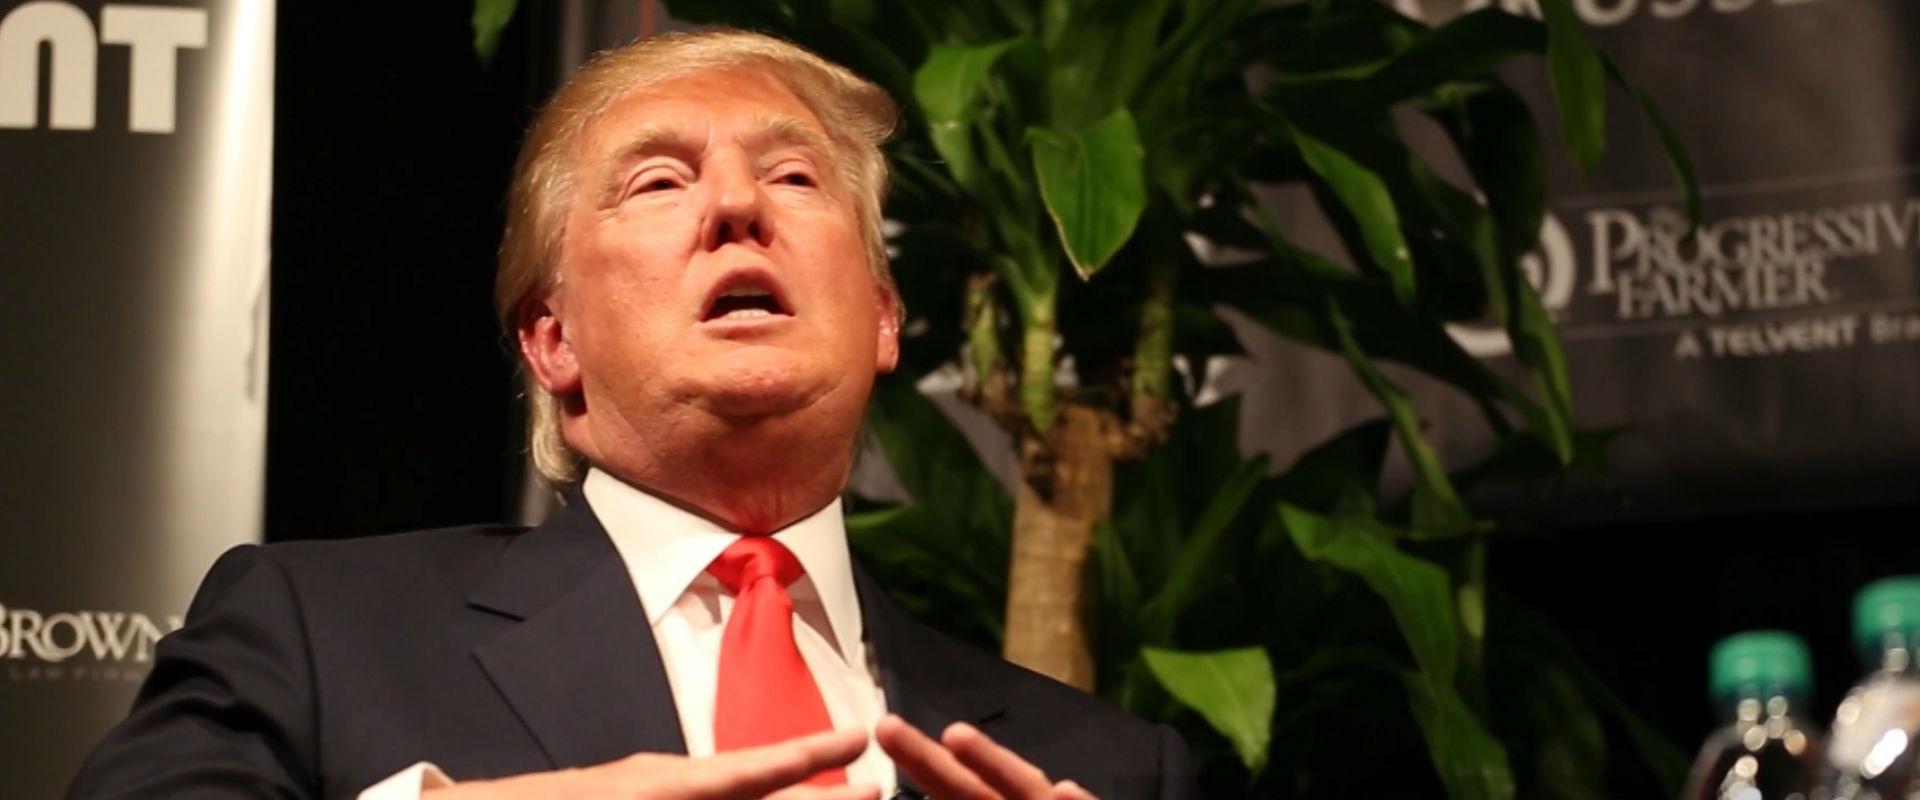 הקבינט האמריקני העשיר בהיסטוריה. דונלד טראמפ.